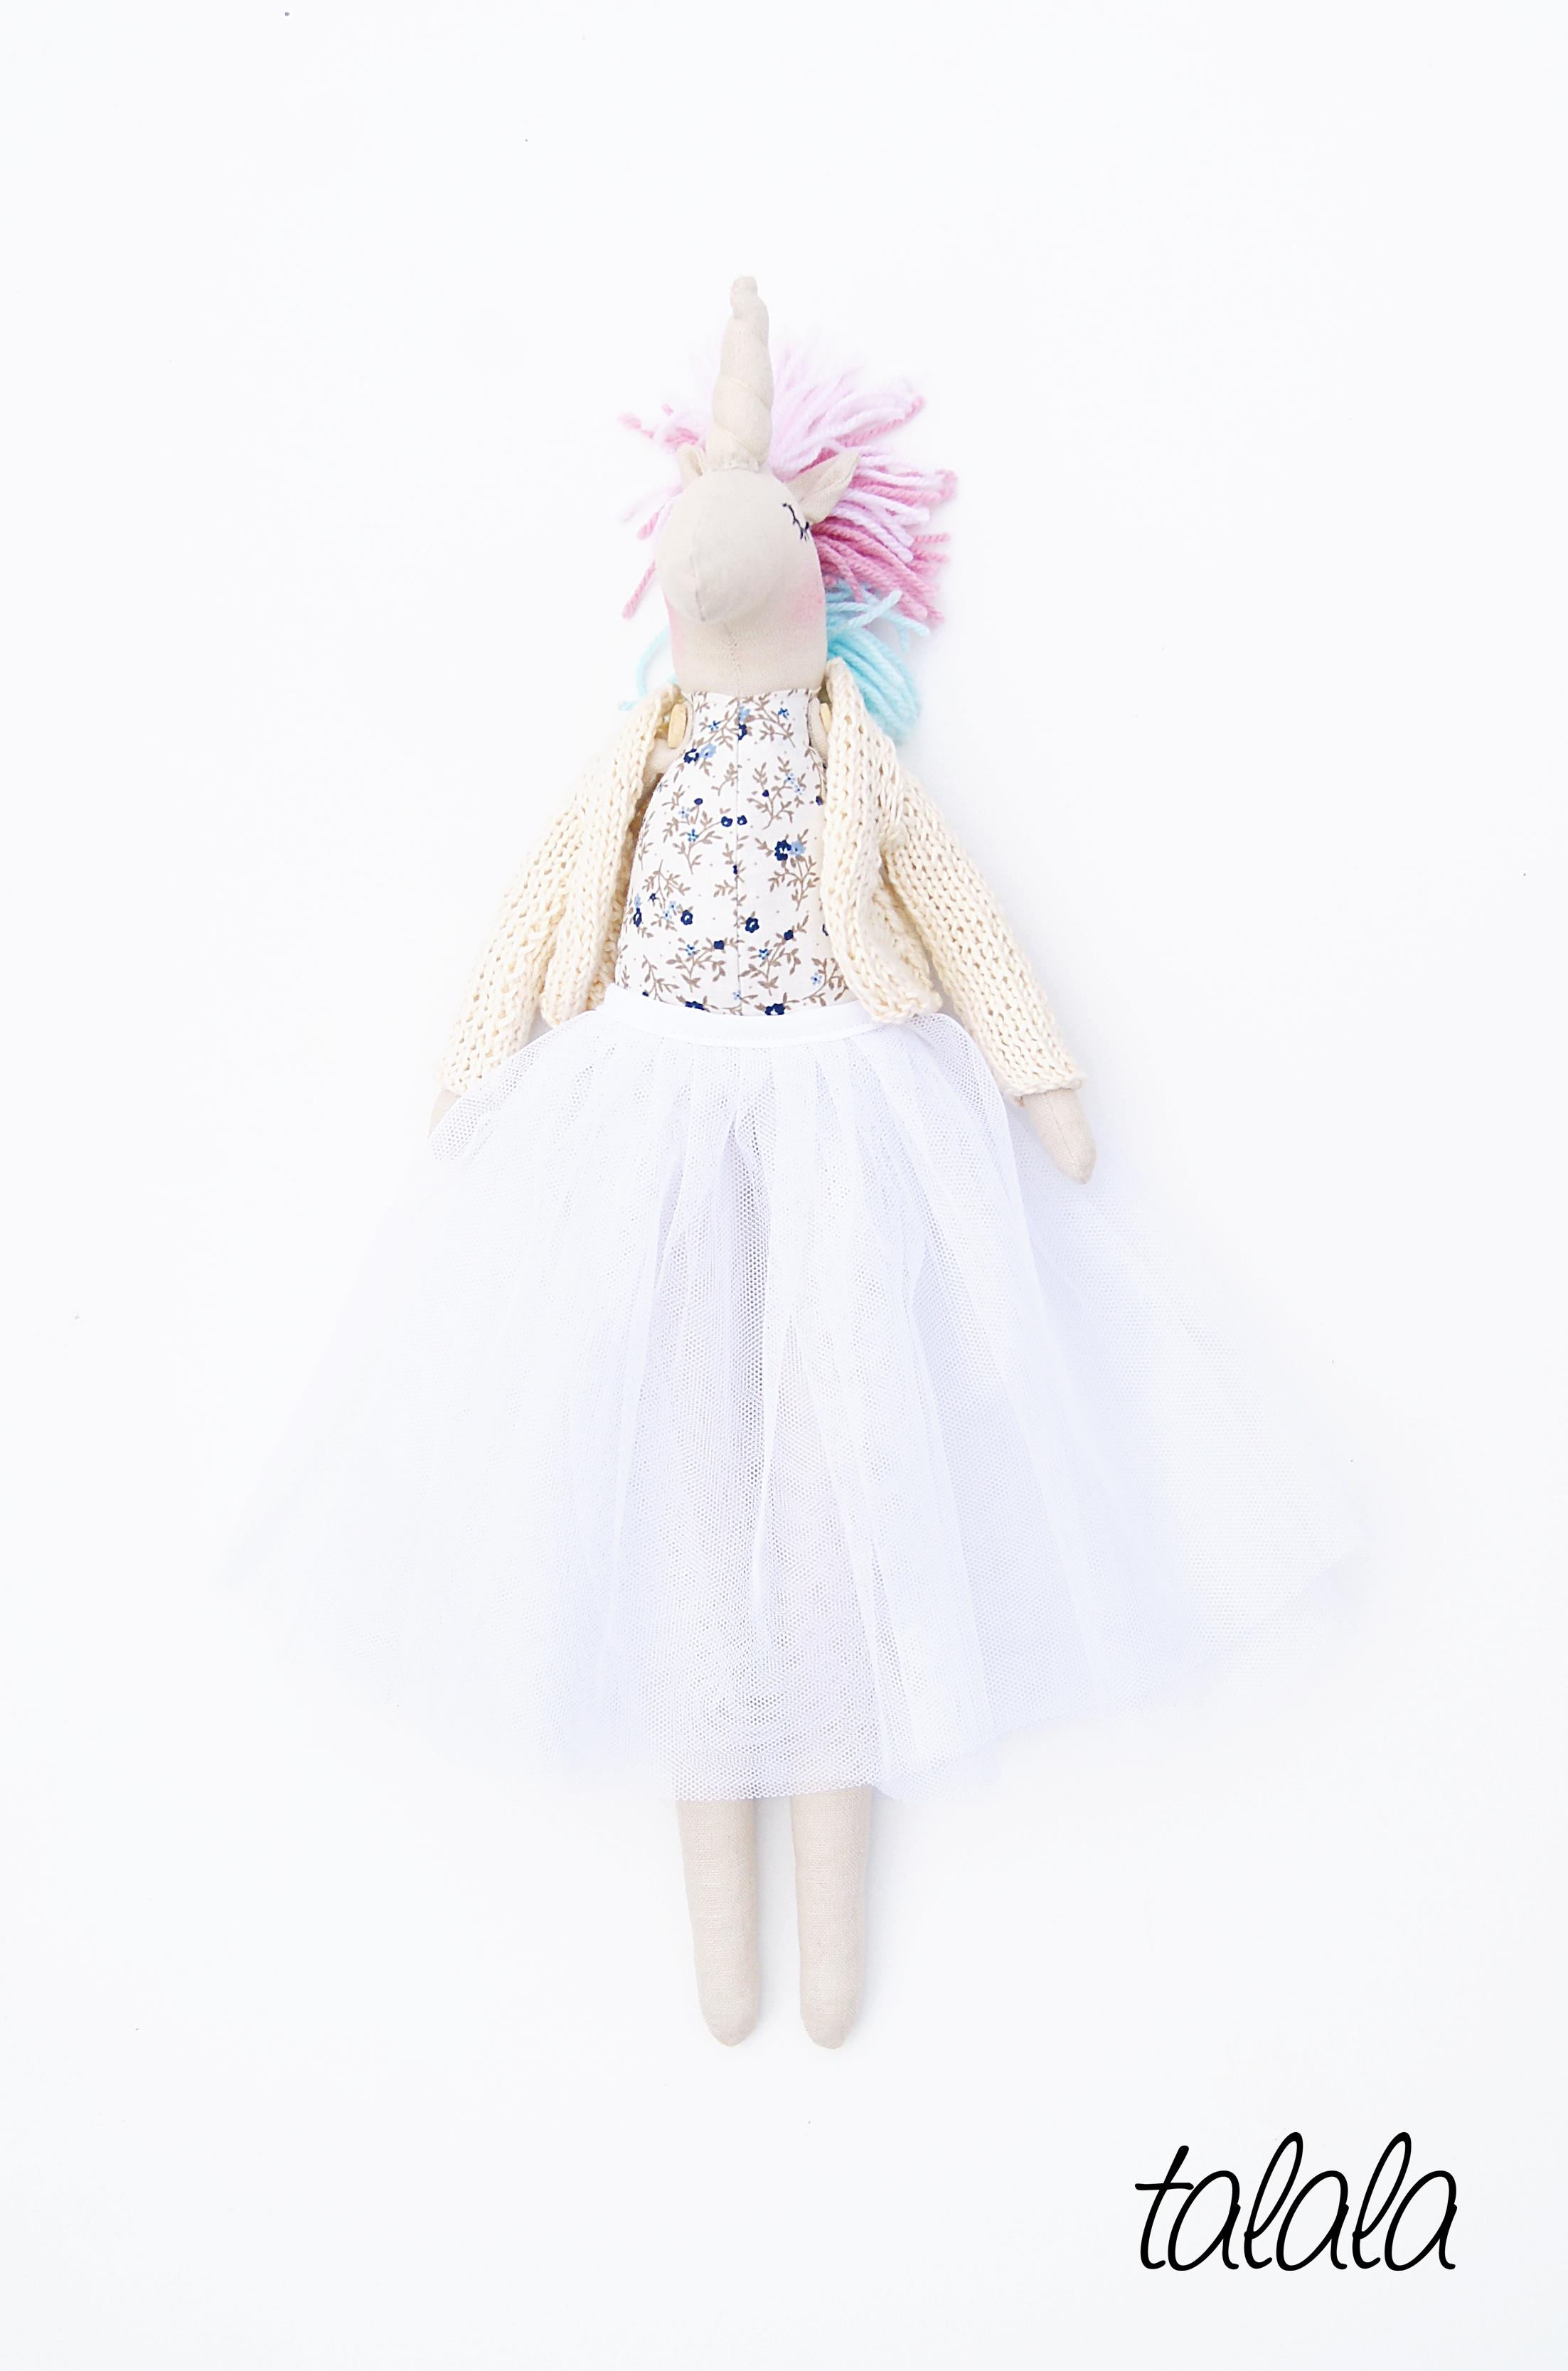 Rękodzieło polski Handmade lalki